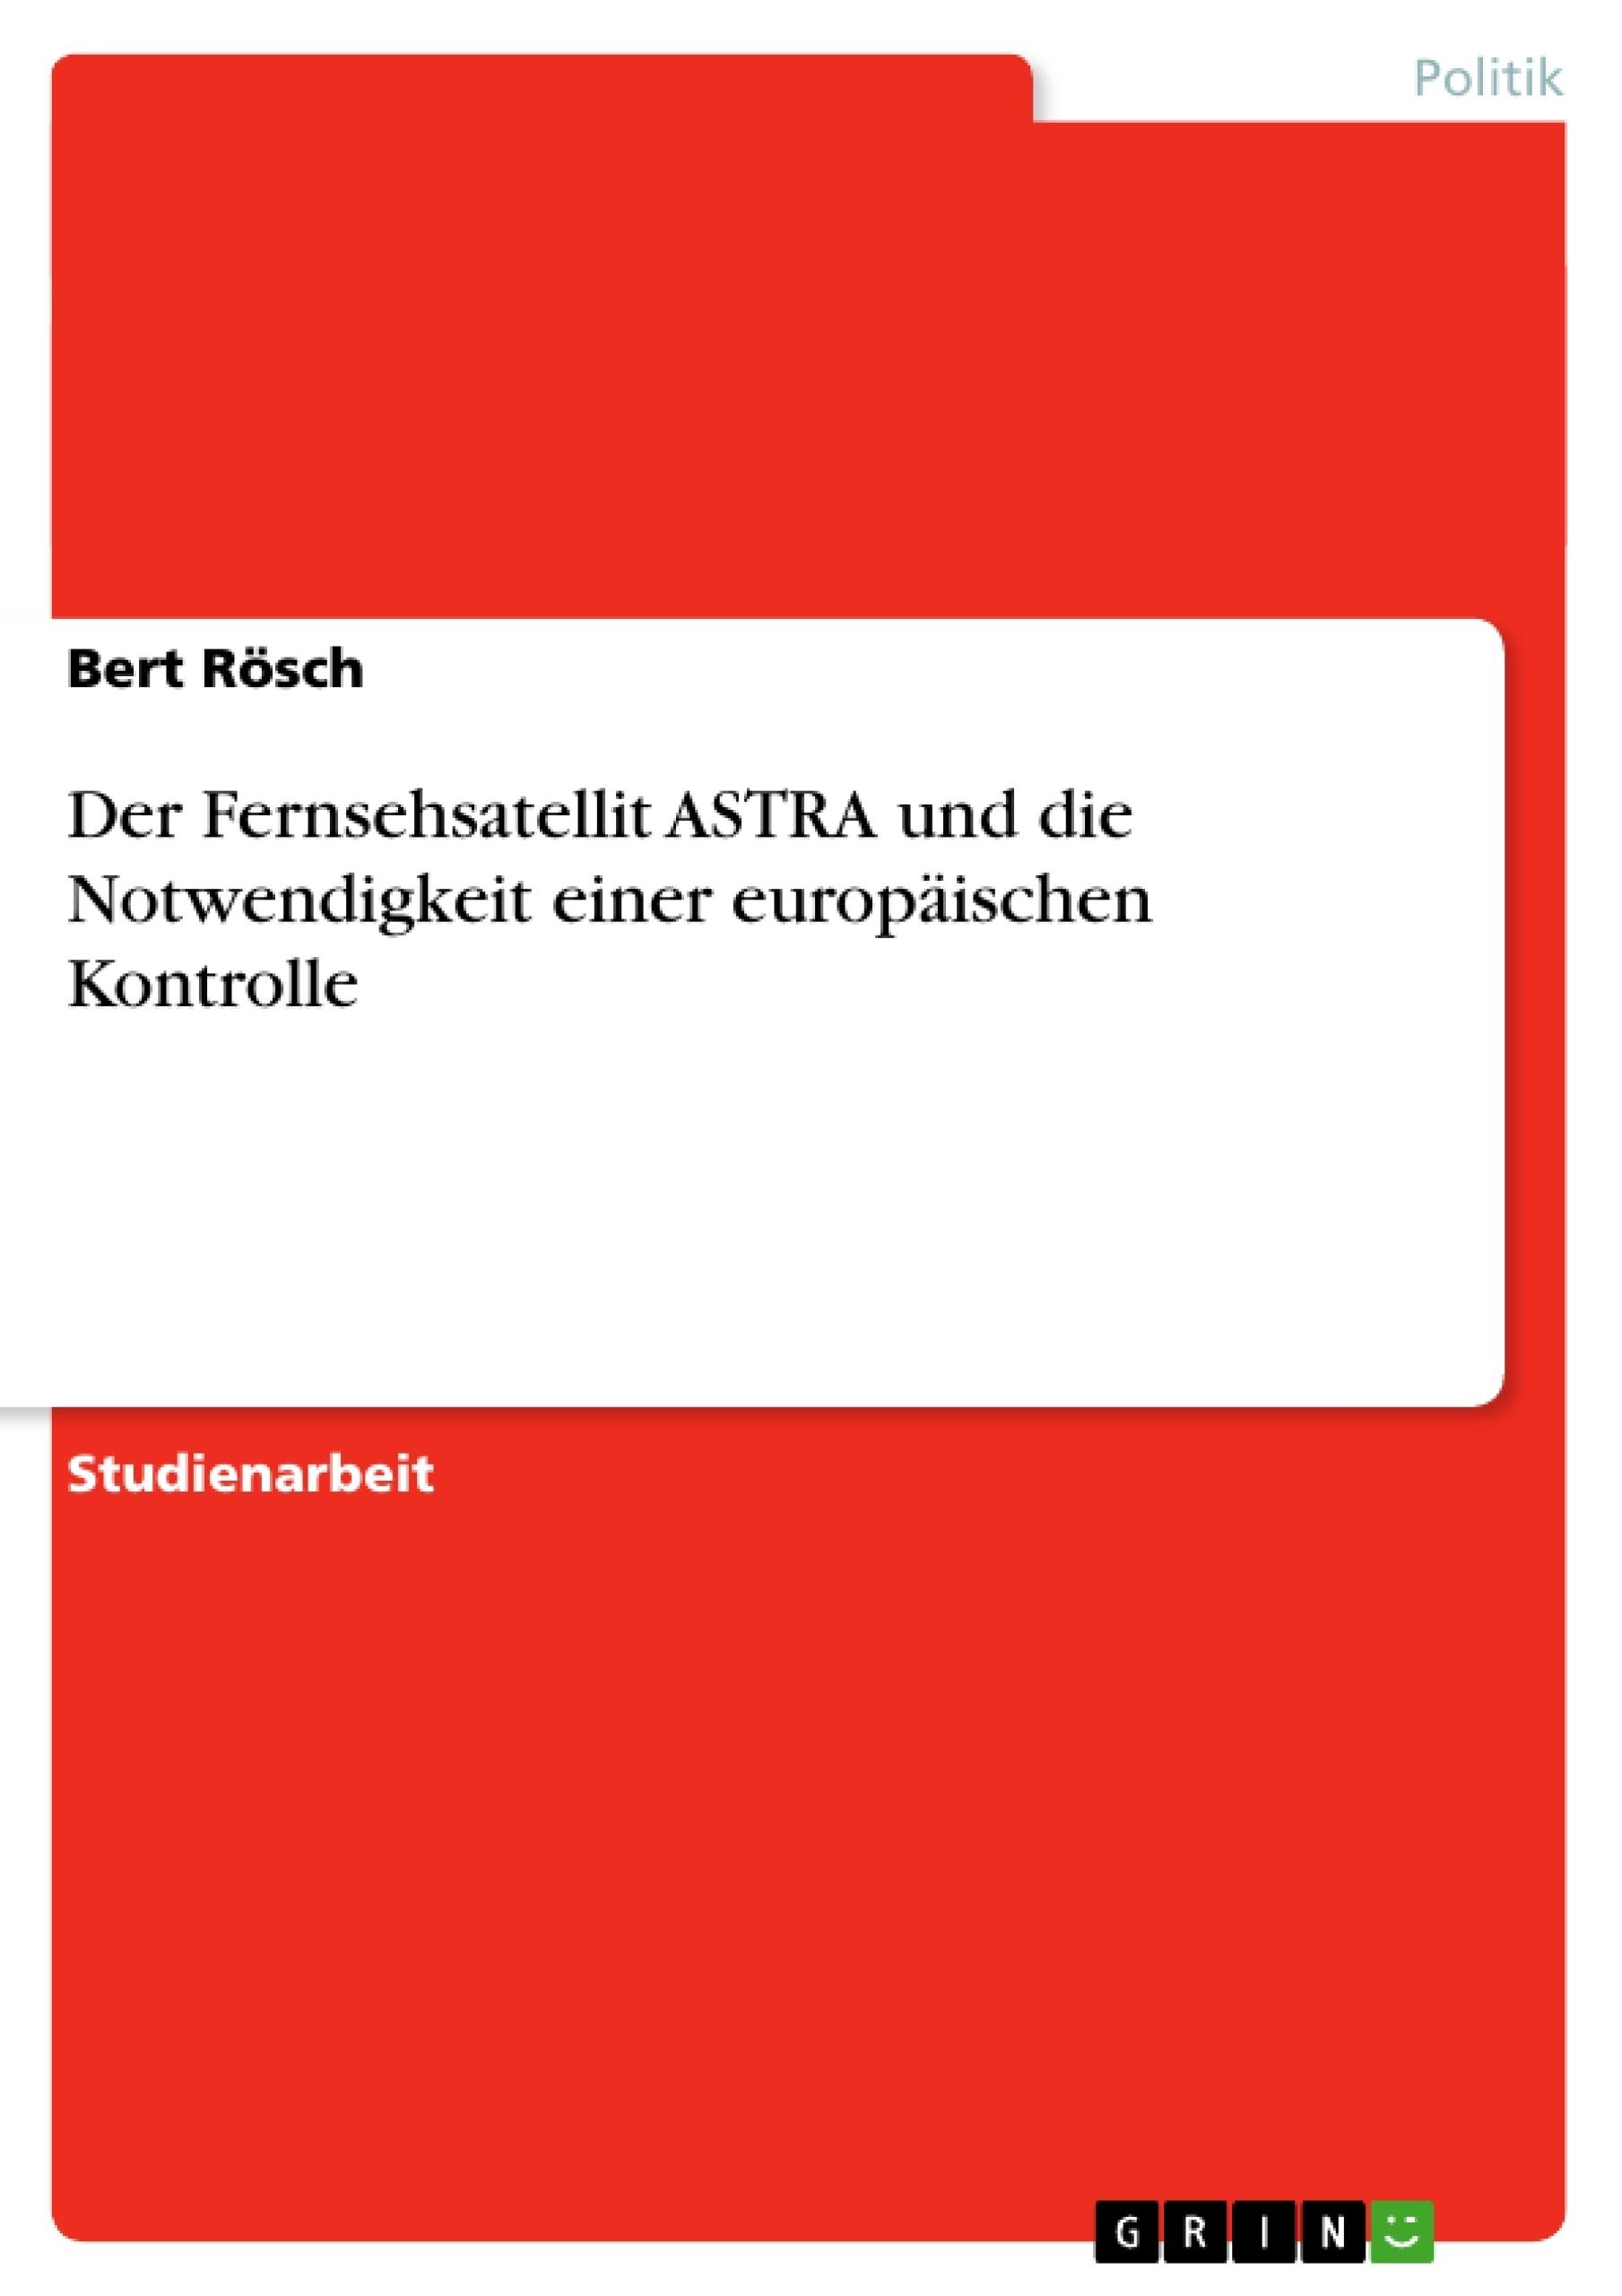 Titel: Der Fernsehsatellit ASTRA und die Notwendigkeit einer europäischen Kontrolle